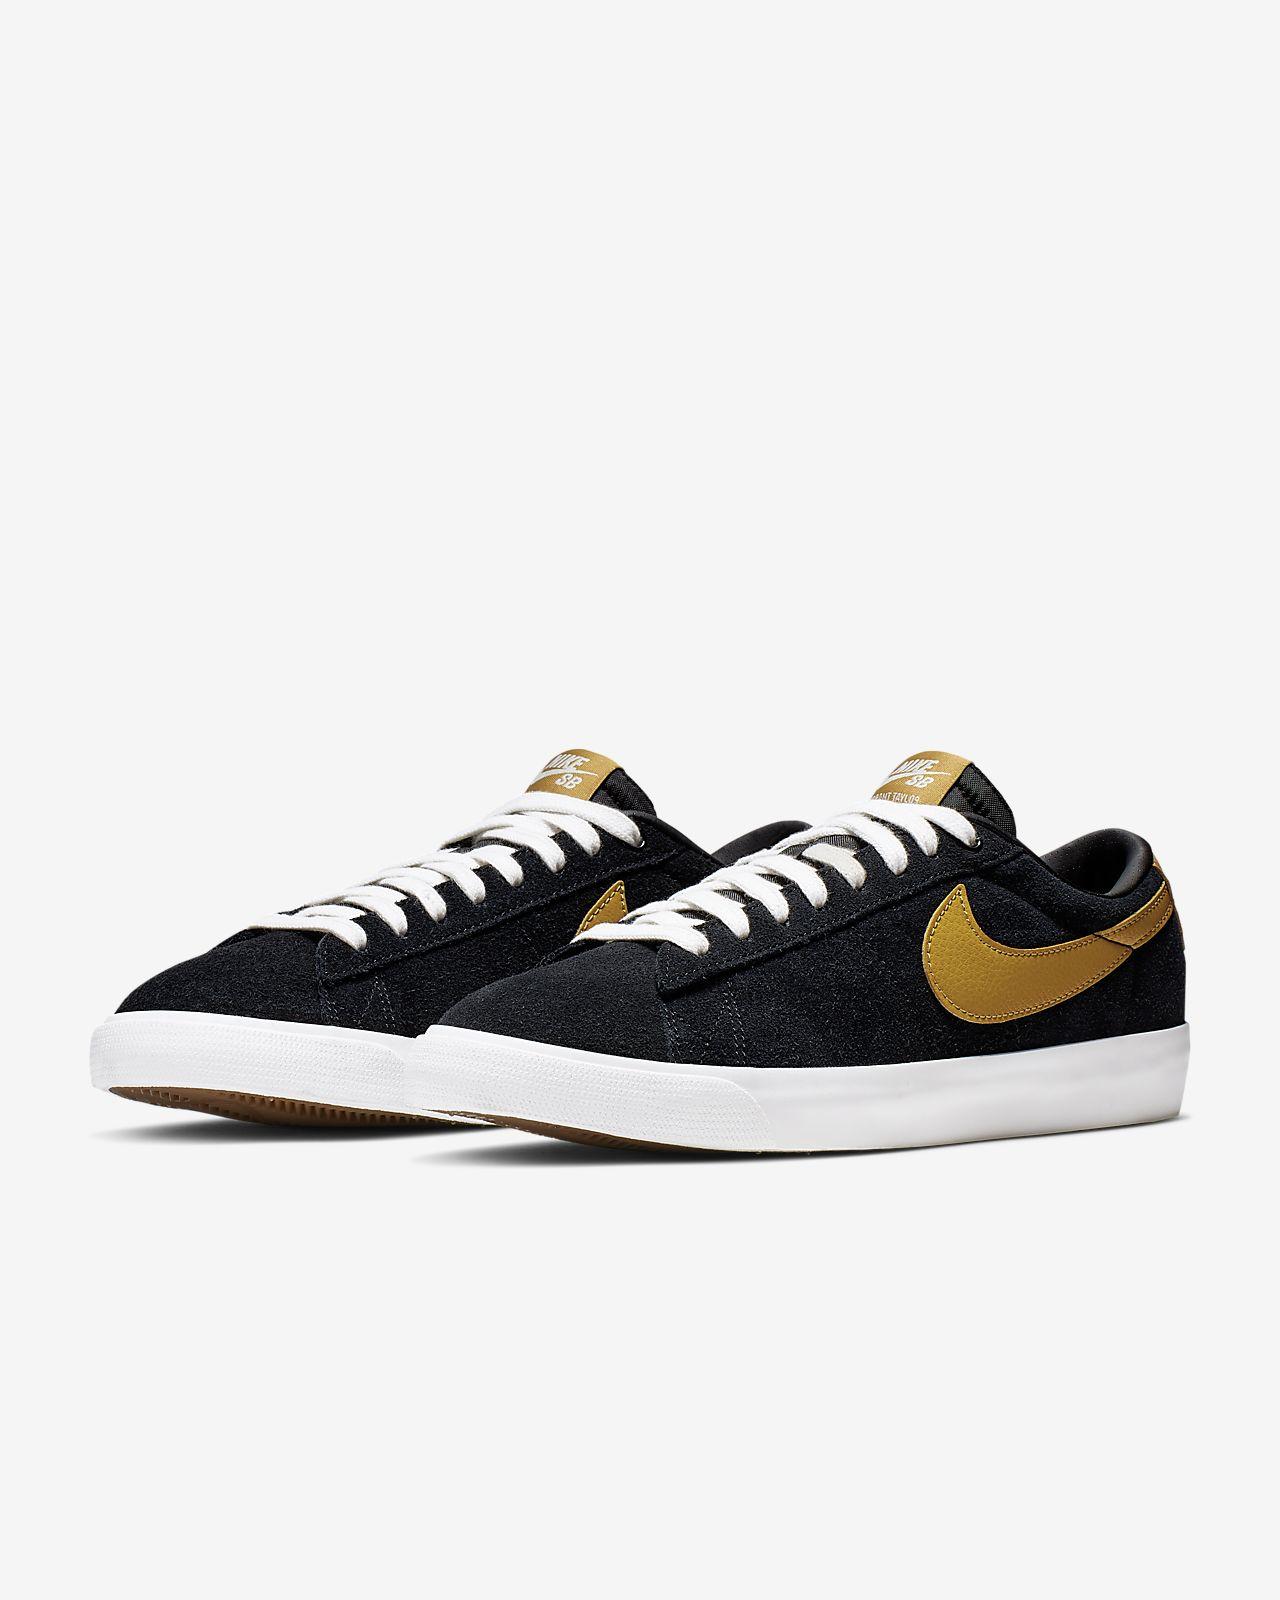 Promotion Du Vendredi Noir. Le Meilleur De Tous Nike Blazer